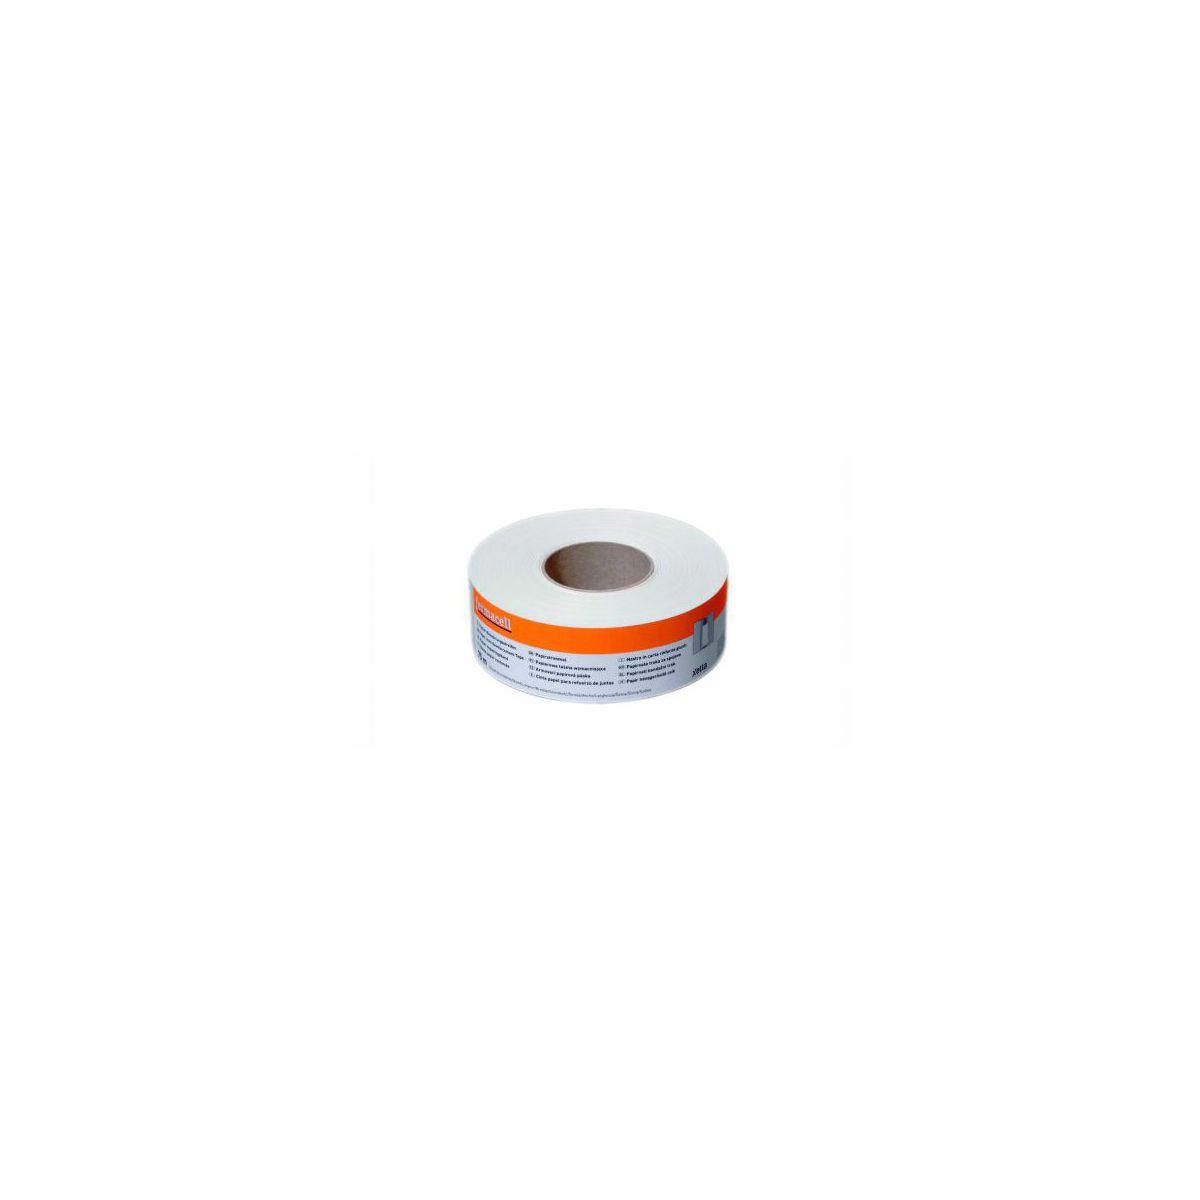 bande joint papier renforc fermacell. Black Bedroom Furniture Sets. Home Design Ideas